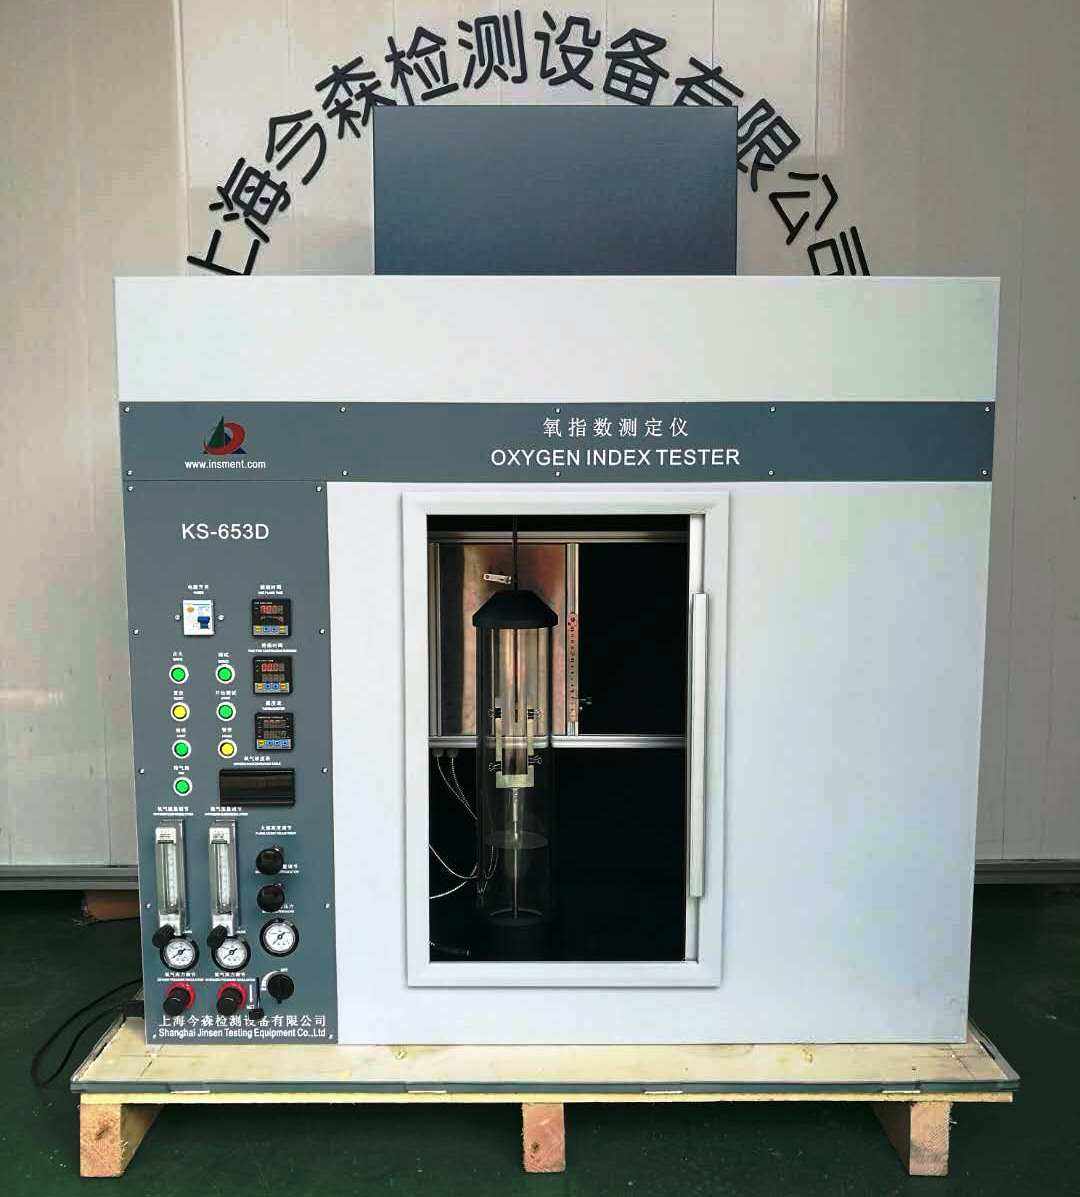 氧指数测定仪的常见问题以及相关处理方法的介绍